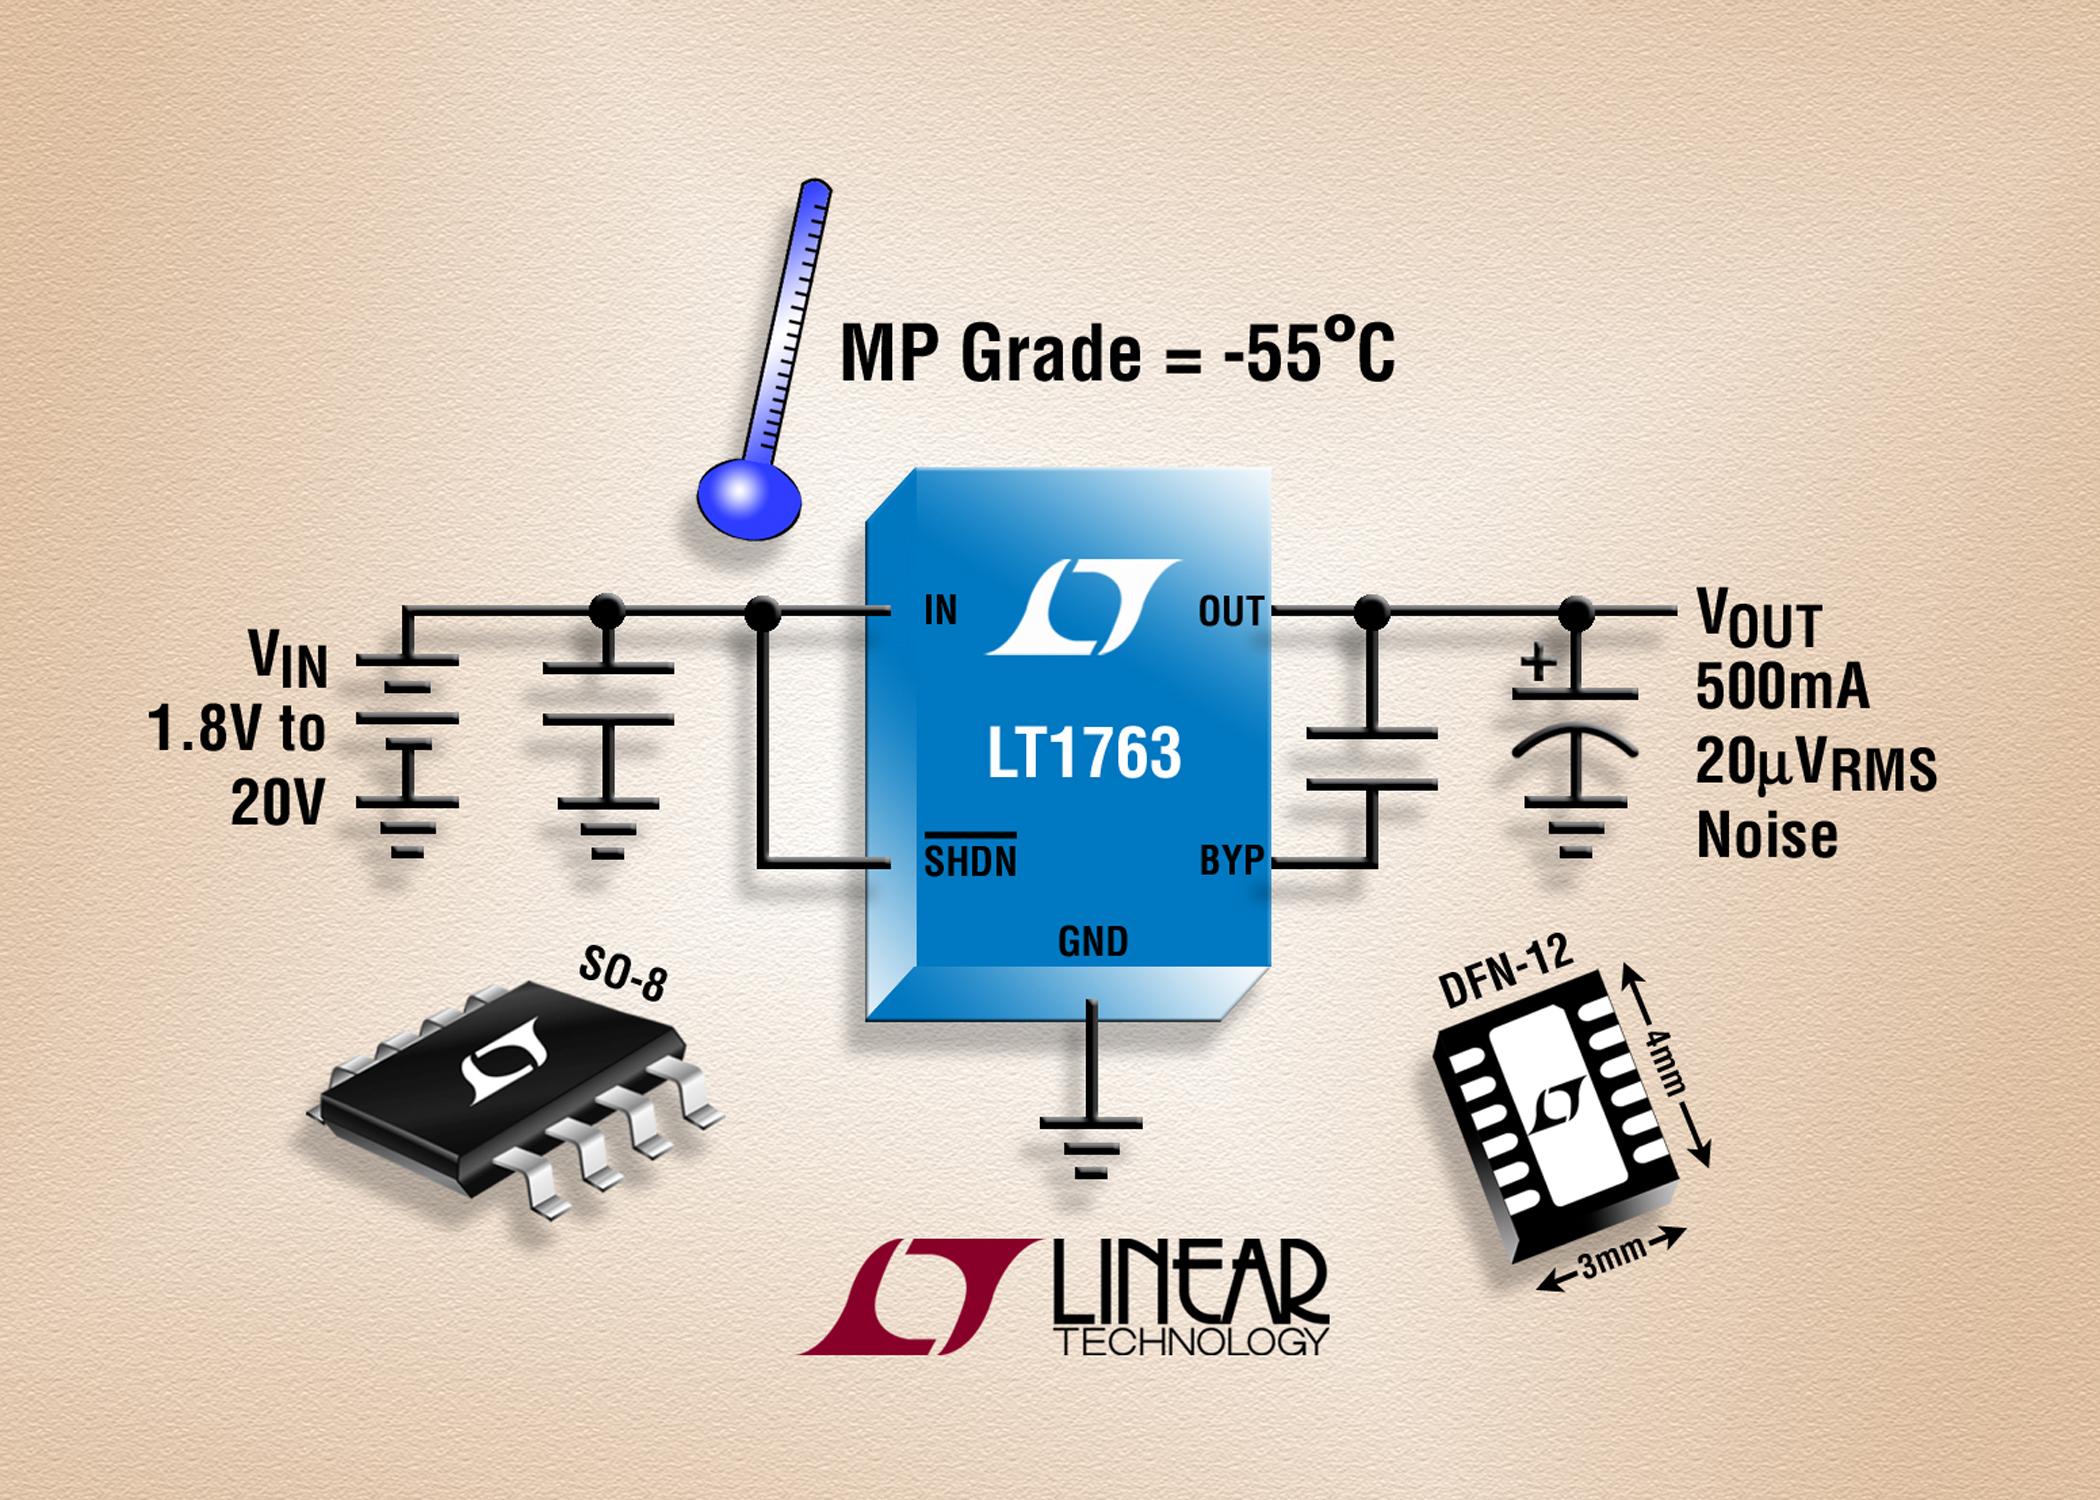 高压 MP 级 LDO